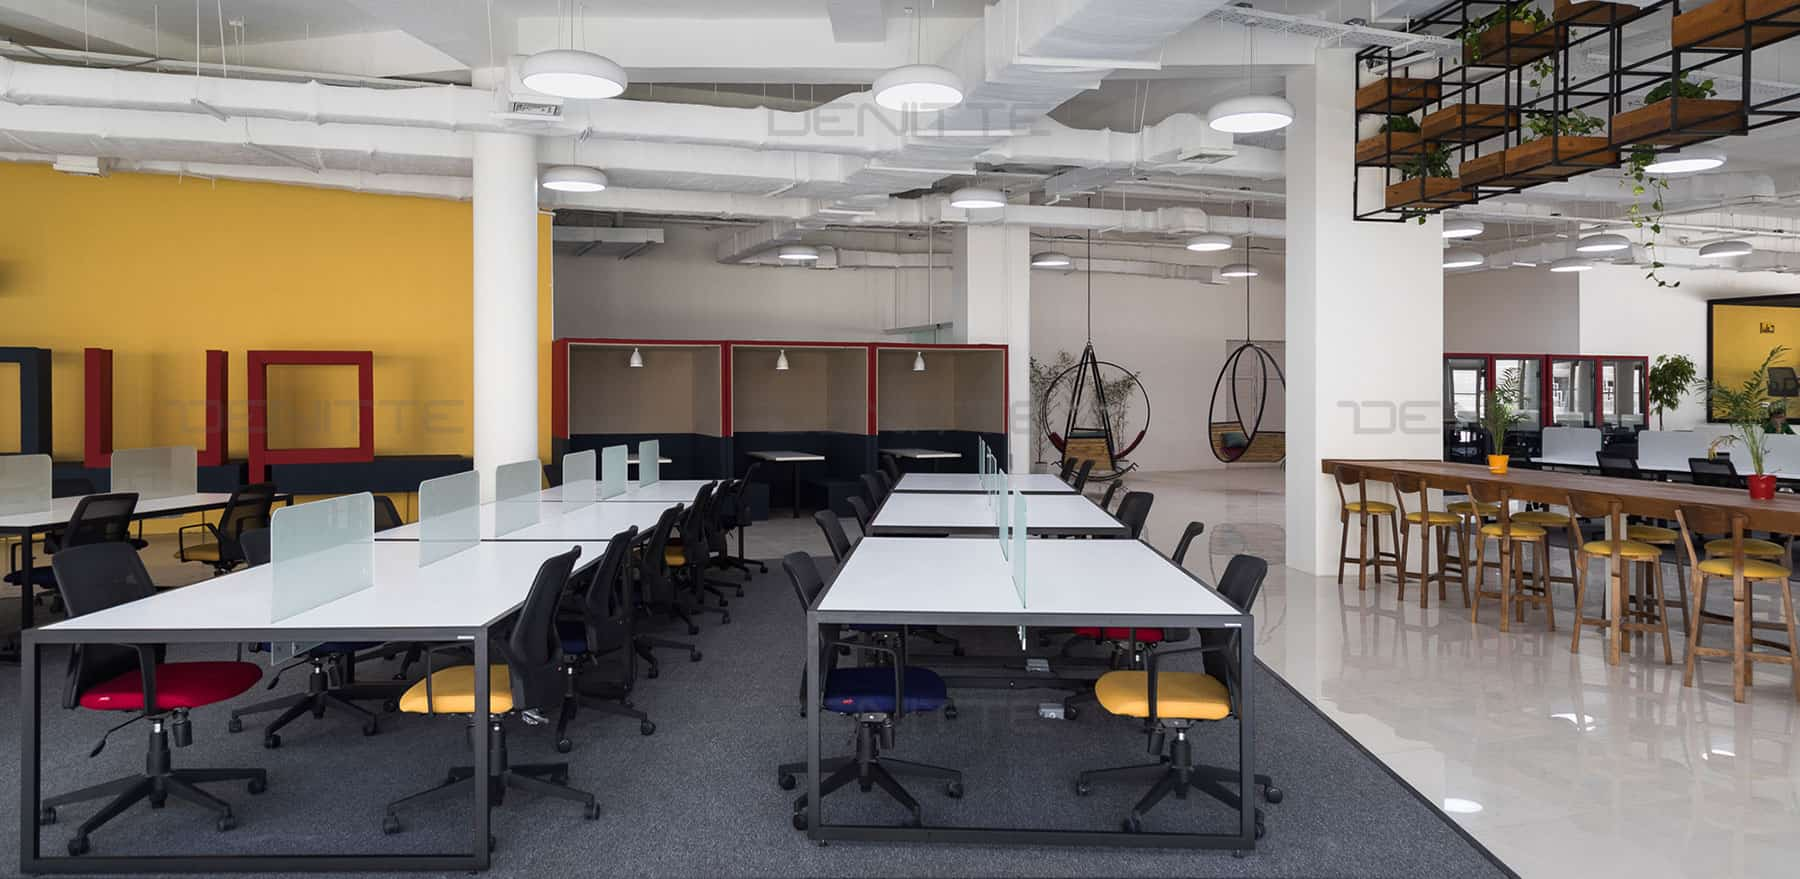 مبلمان اداری در پروژه پارک فناوری پردیس-دنیته